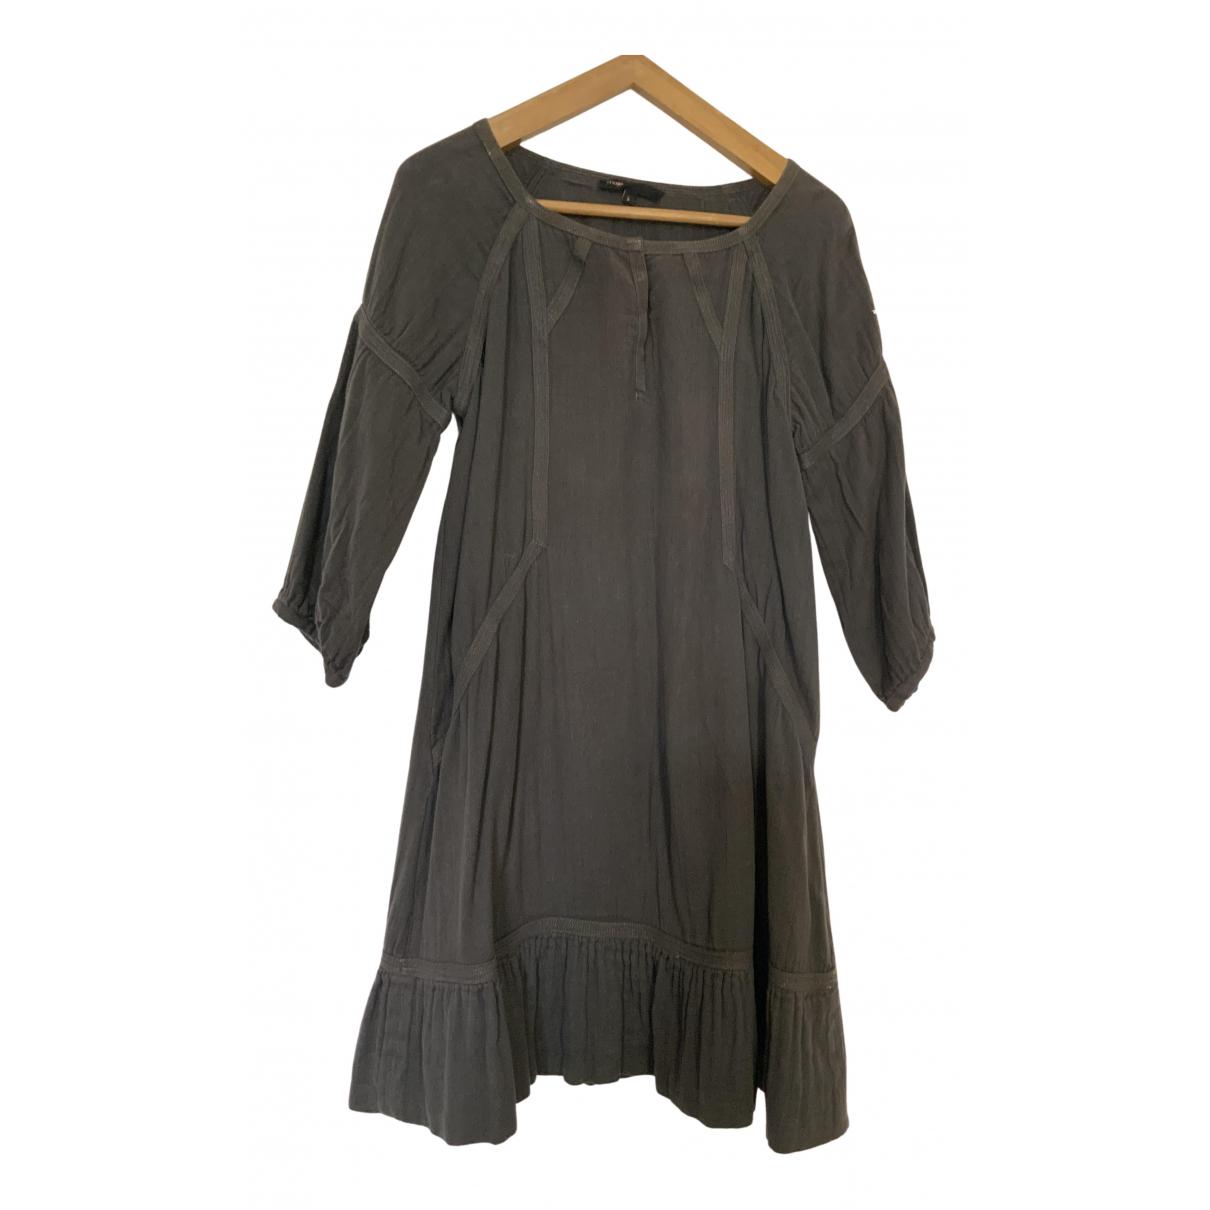 Maje \N Kleid in  Grau Baumwolle